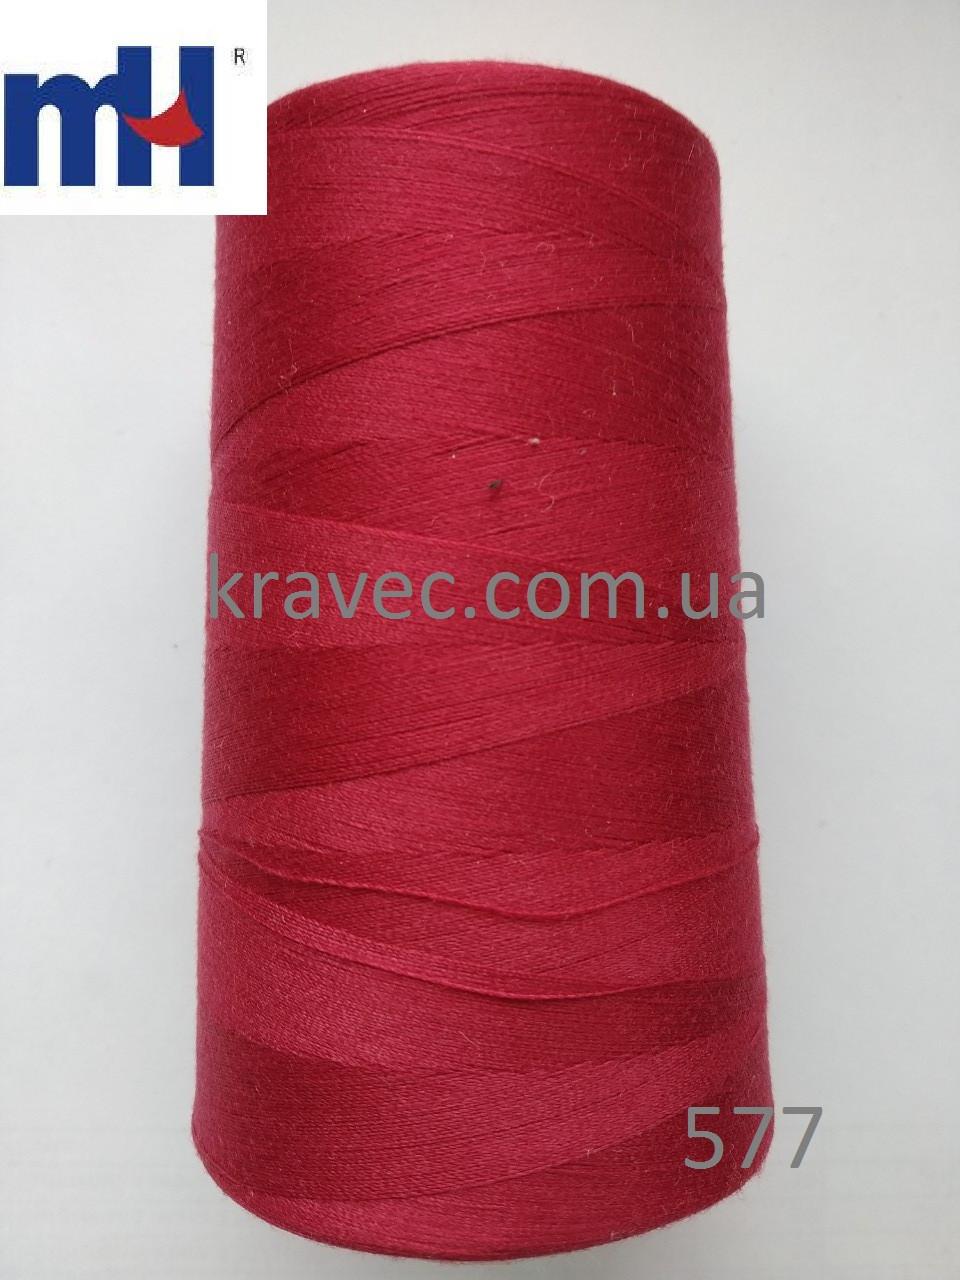 Нитка швейна MH 40/2 4000 №844